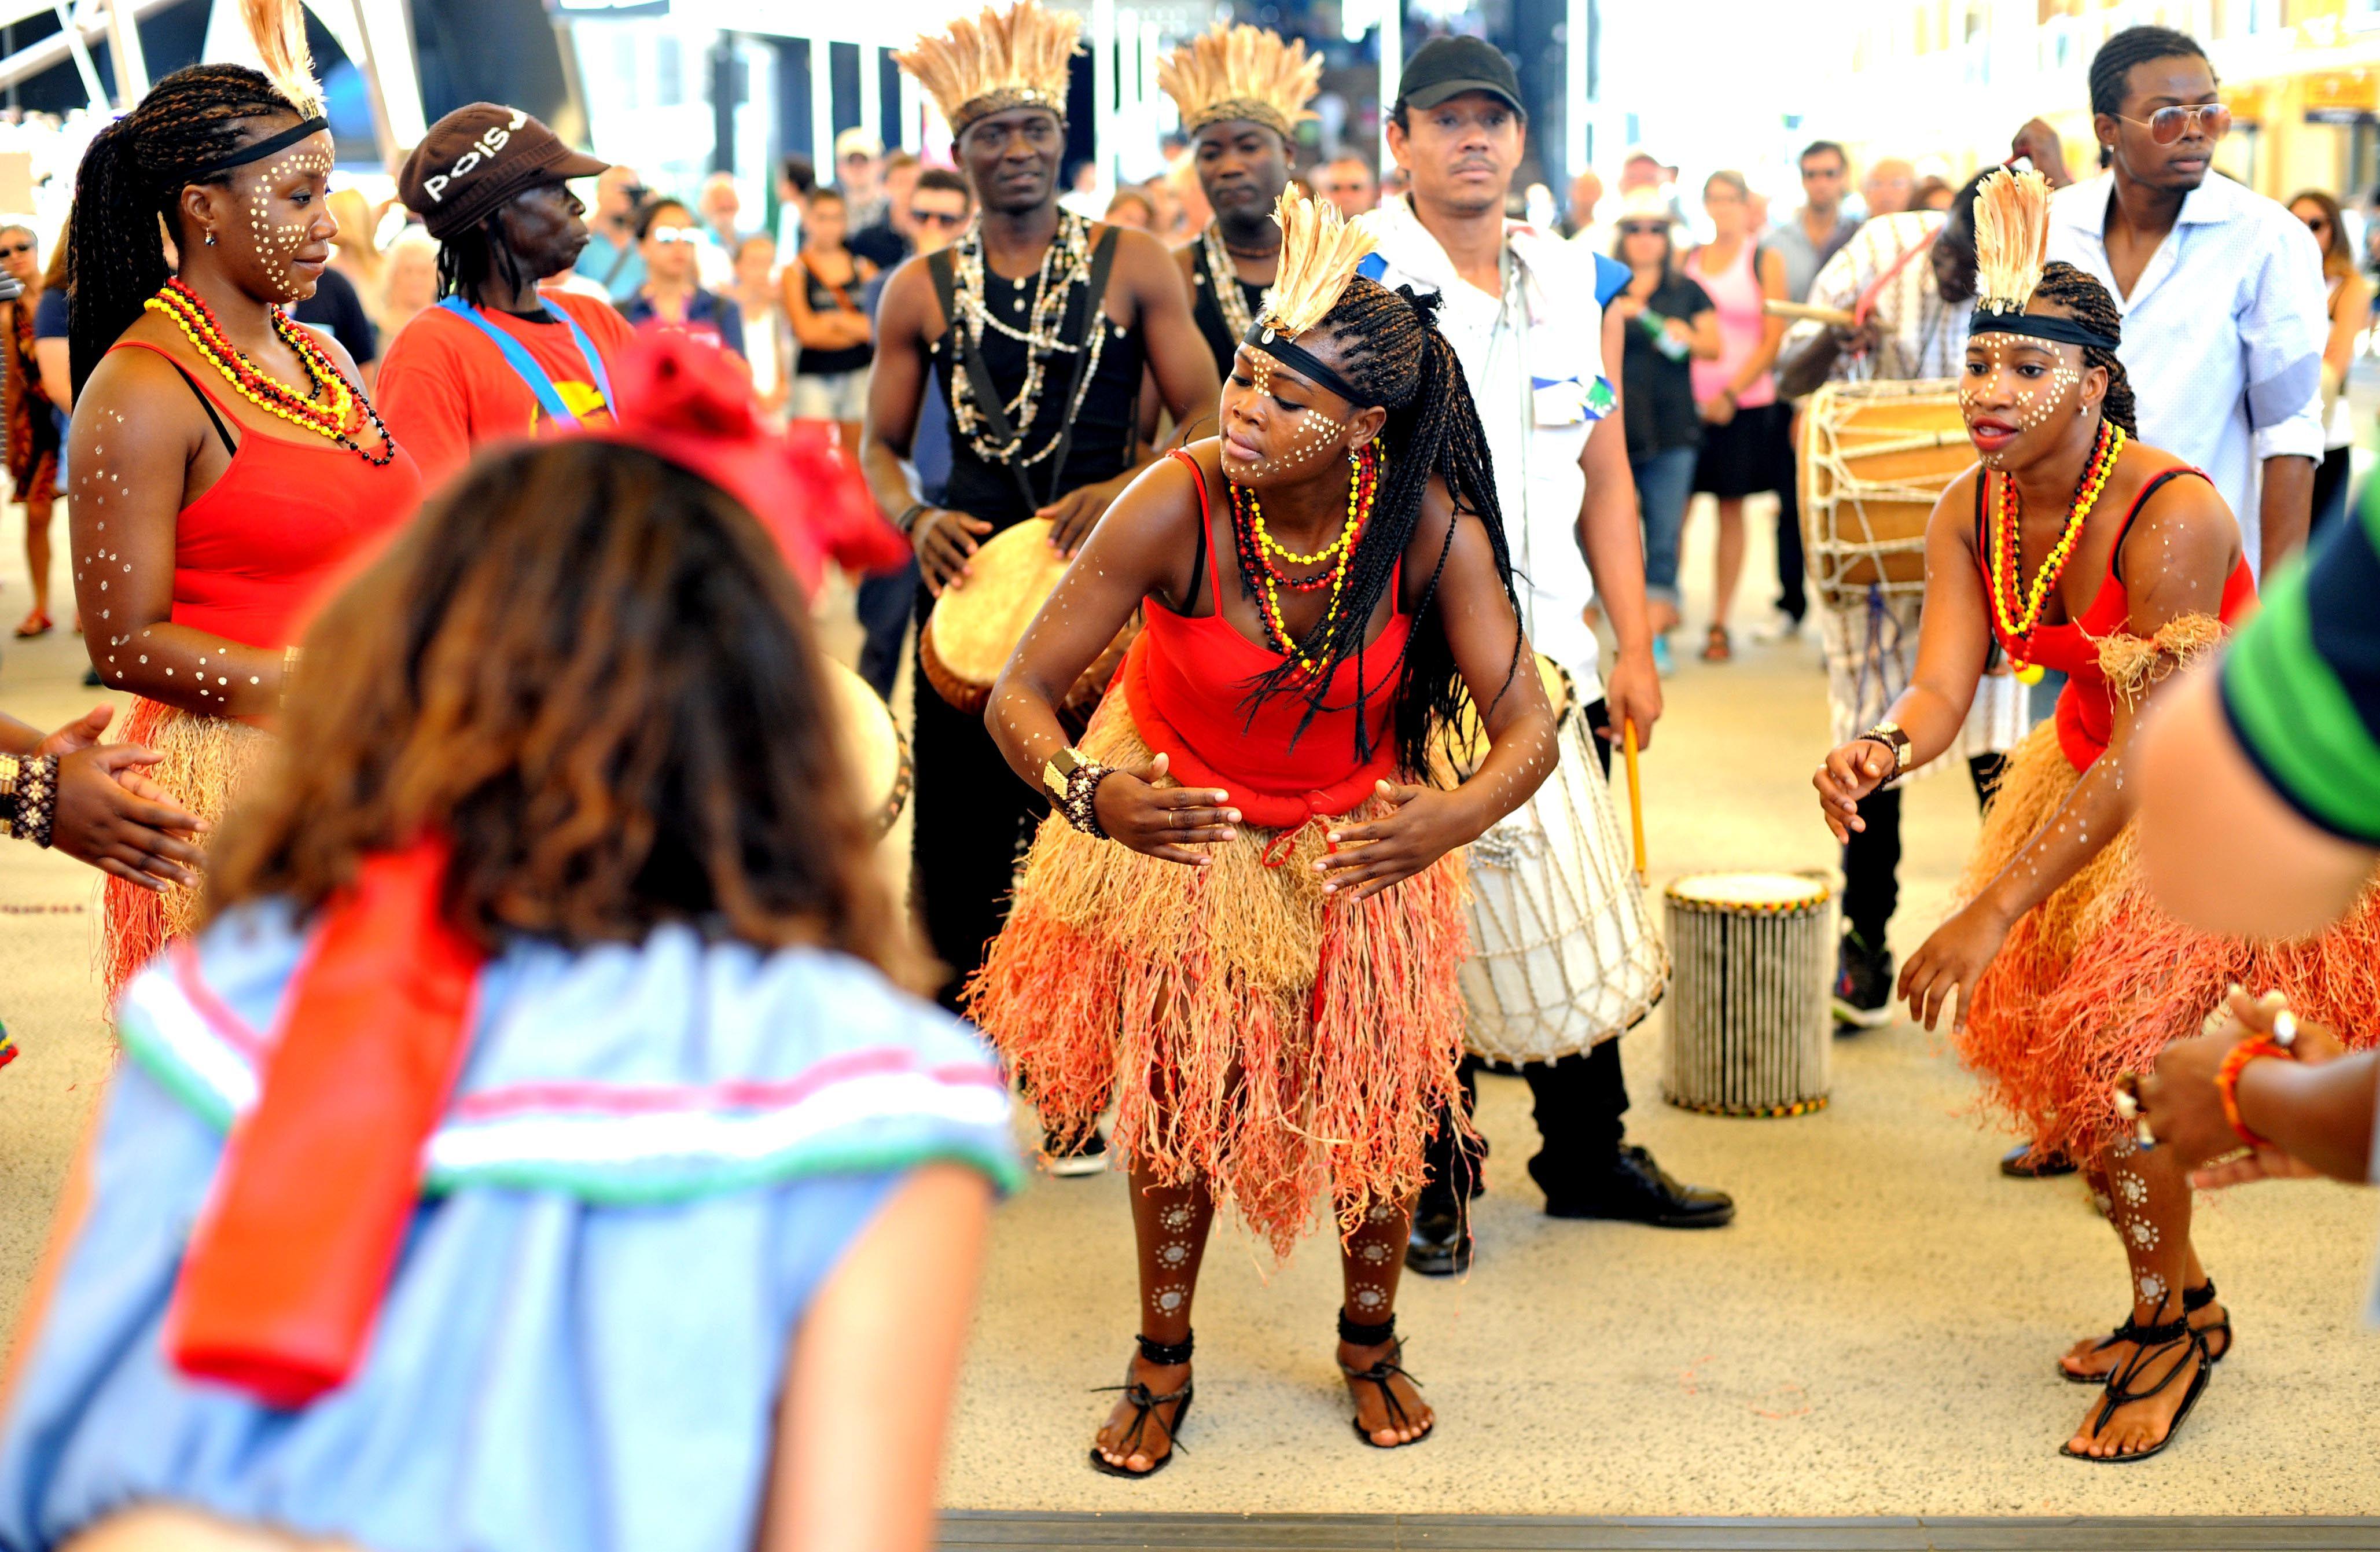 Haiti festeggia il suo National Day portando a Expo Milano 2015 danze e musiche tradizionali | Expo Milano 2015